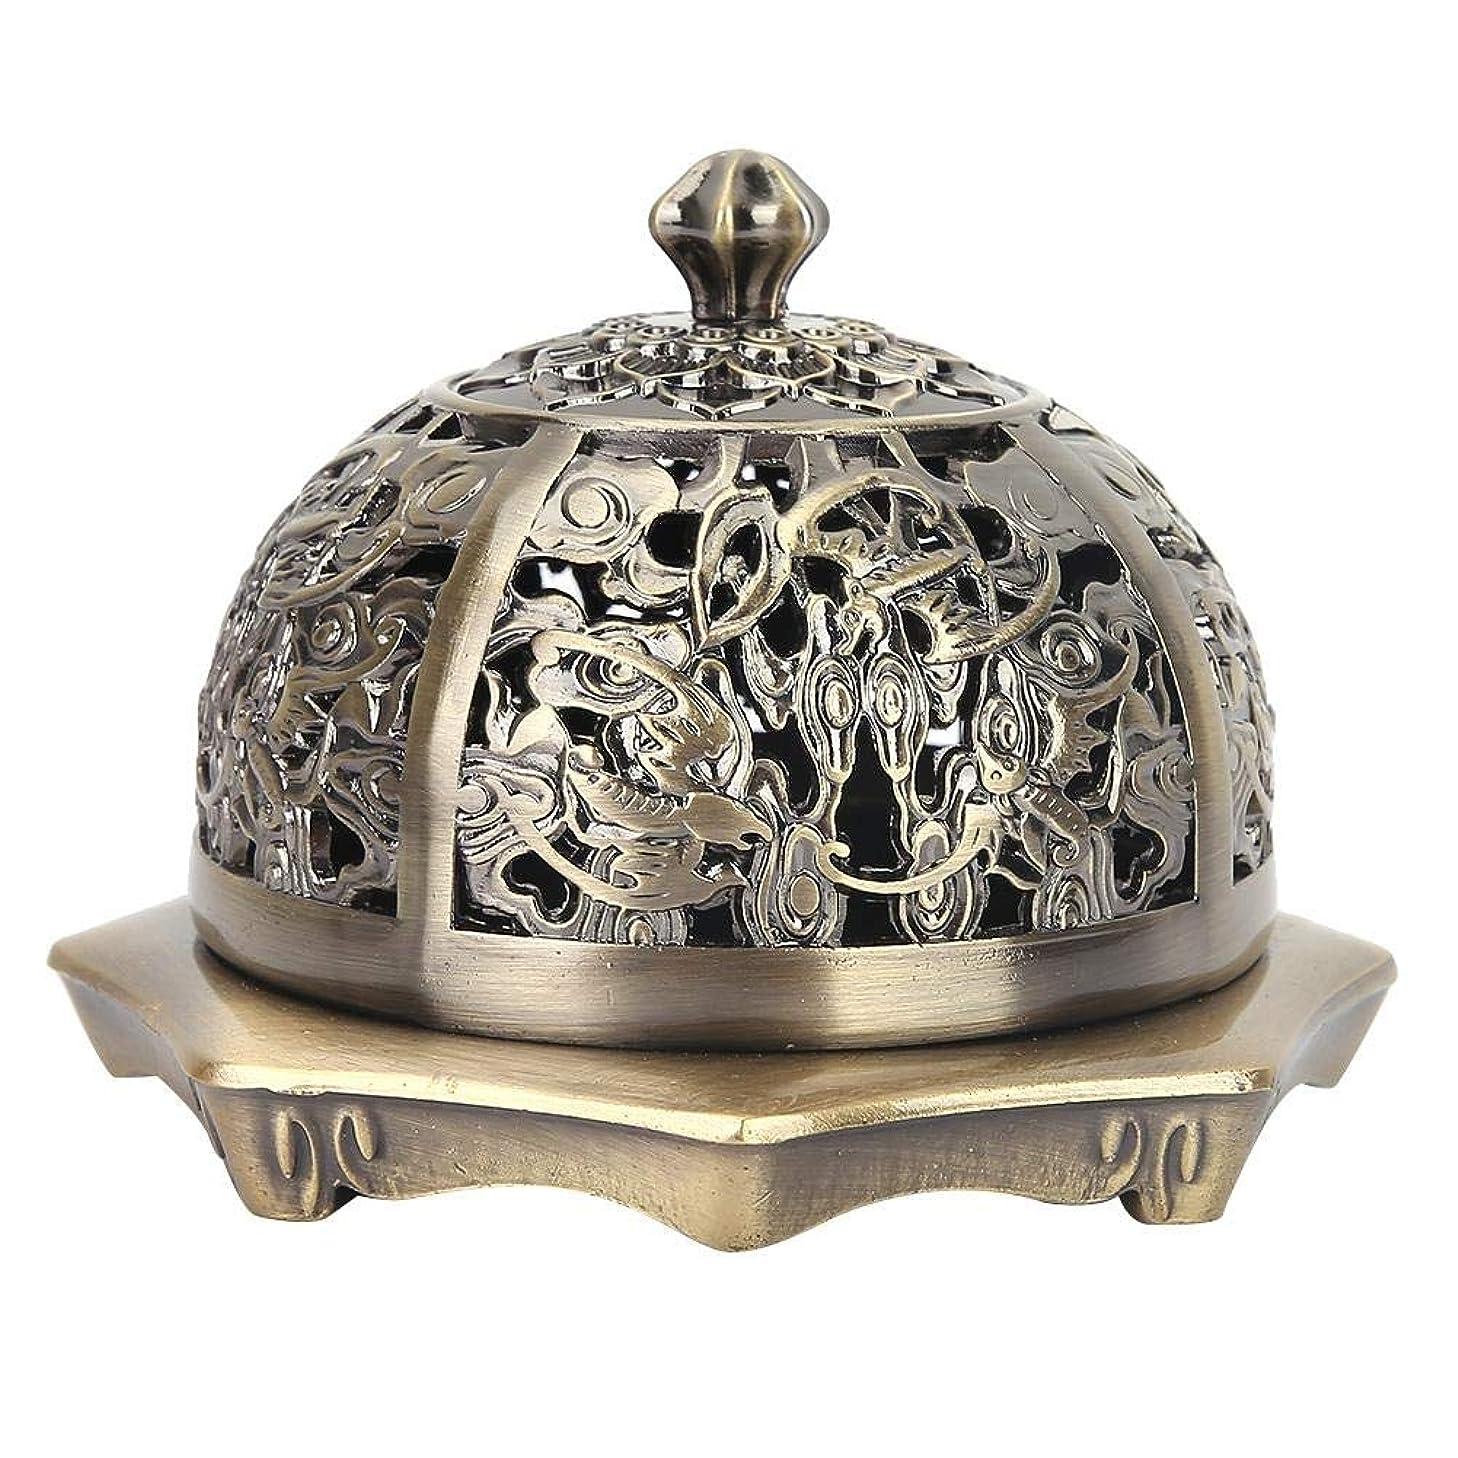 奴隷モトリー自己香炉 アロマ香炉 丸香炉 アロマバーナー アロマ炉 お香バーナー蓋付き お香ホルダー お香 心を落ち着かせてくれる